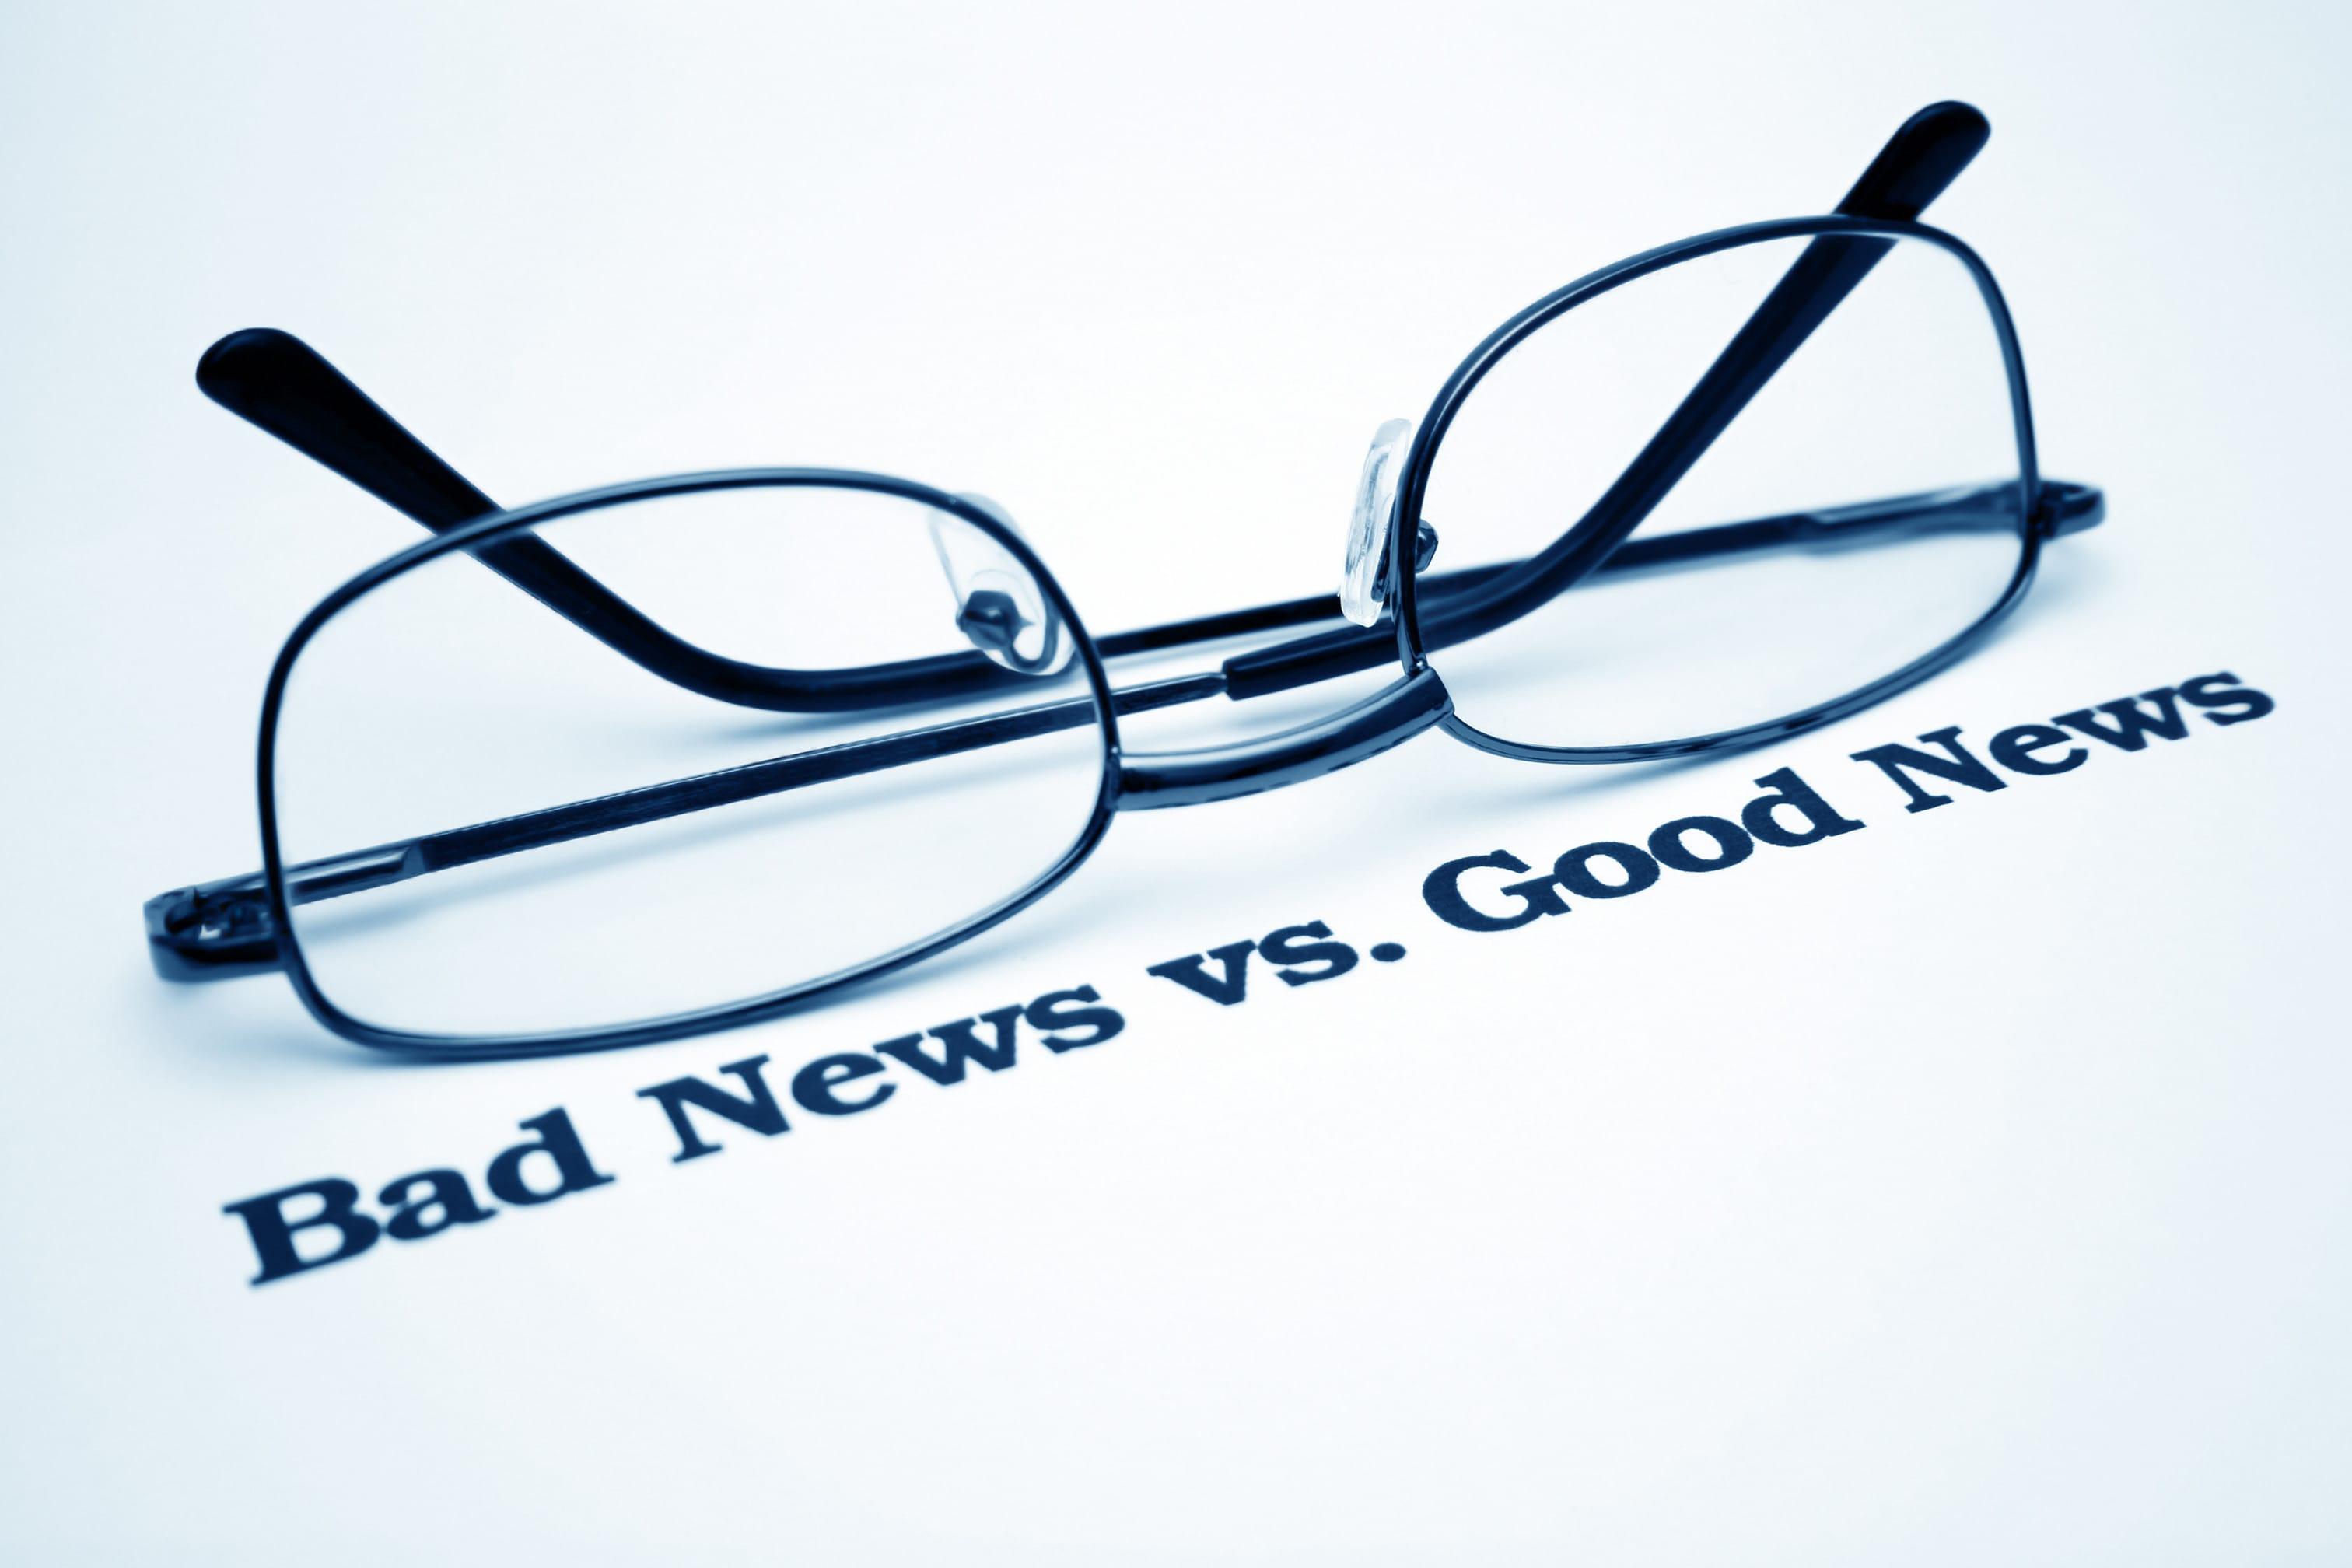 bad-news-vs-good-news.jpg